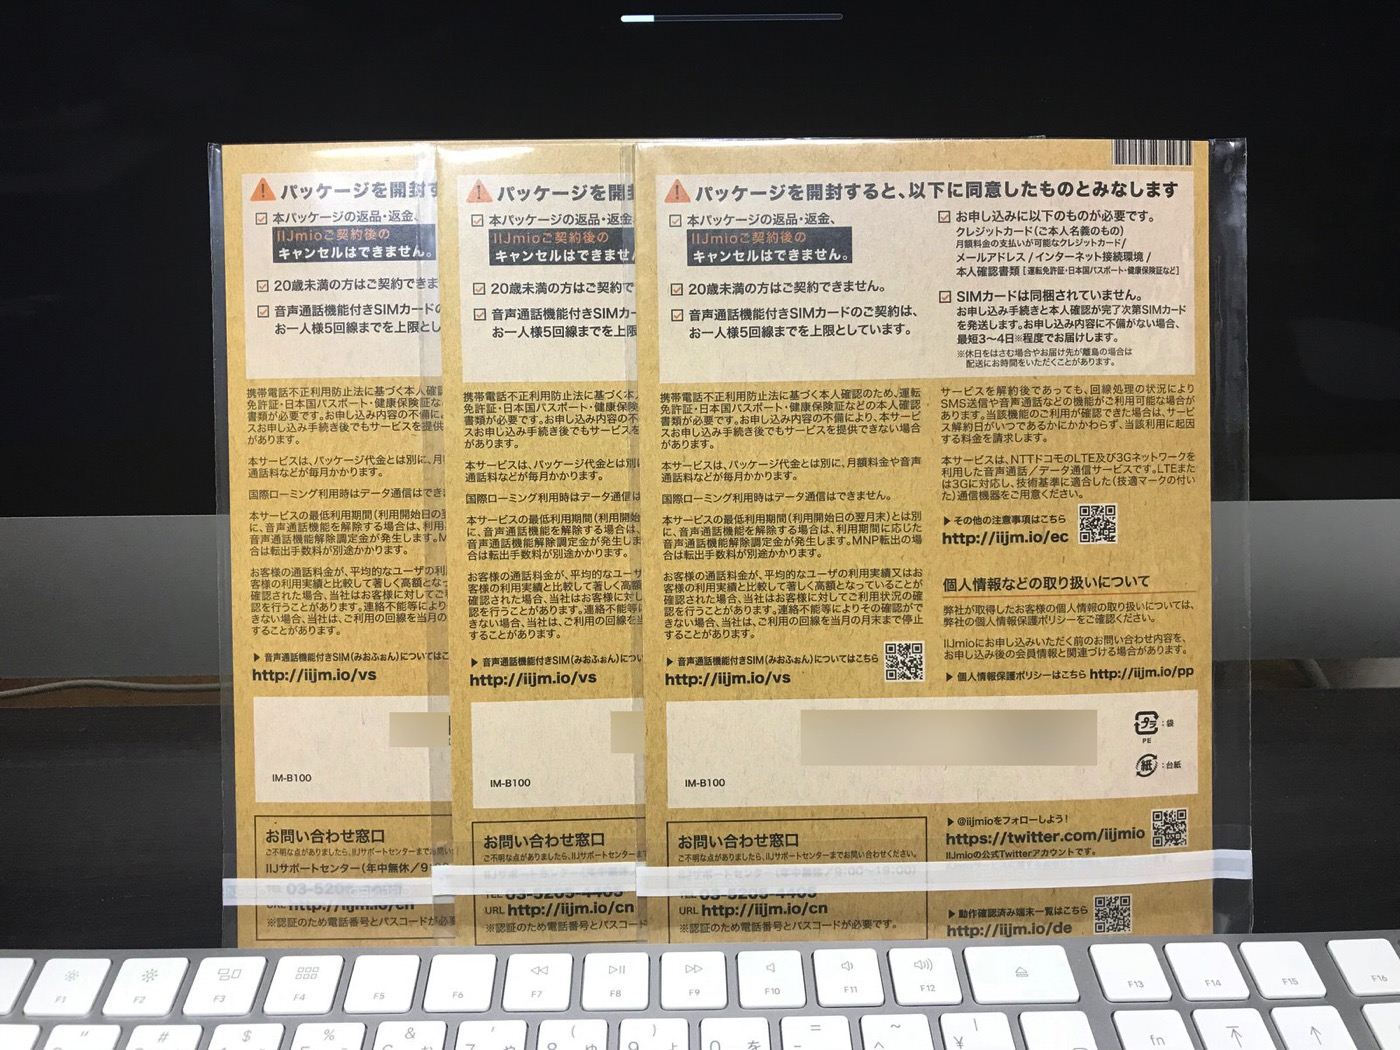 IIJmio みおふぉん SIMカード 音声通話パック-3